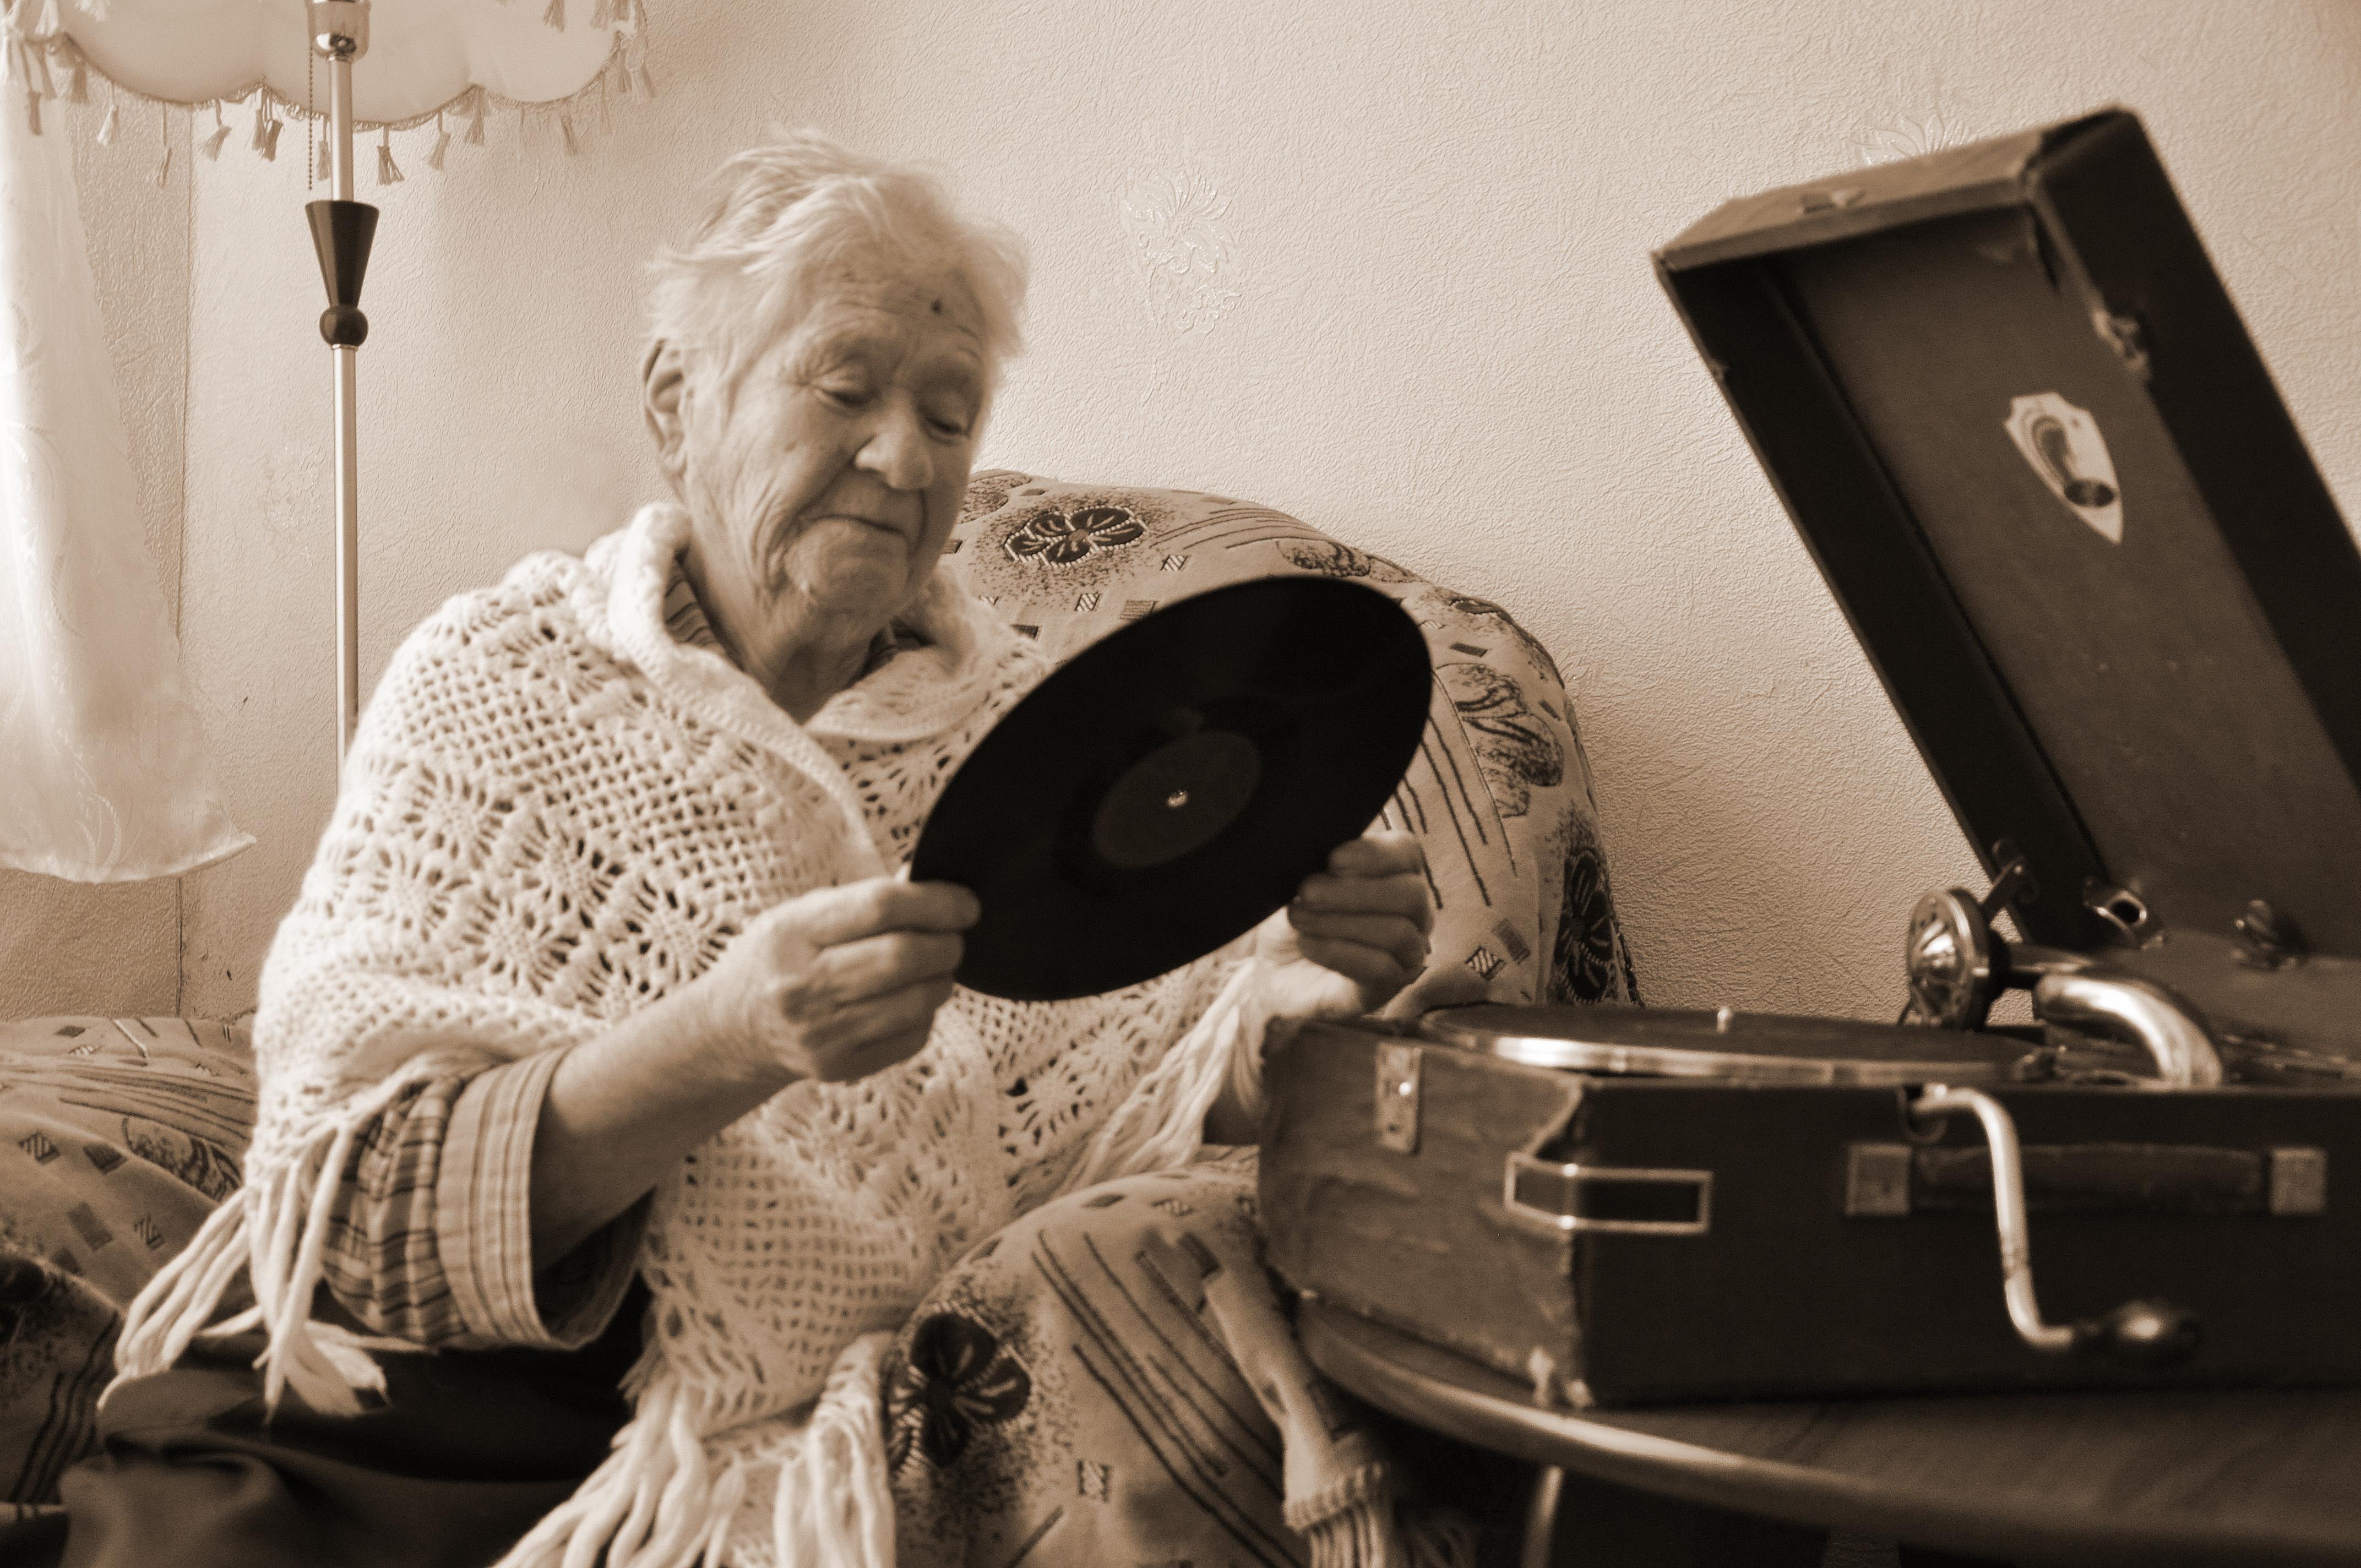 Бабушка отложи ты свое вязание заведи старый свой граммофон 677